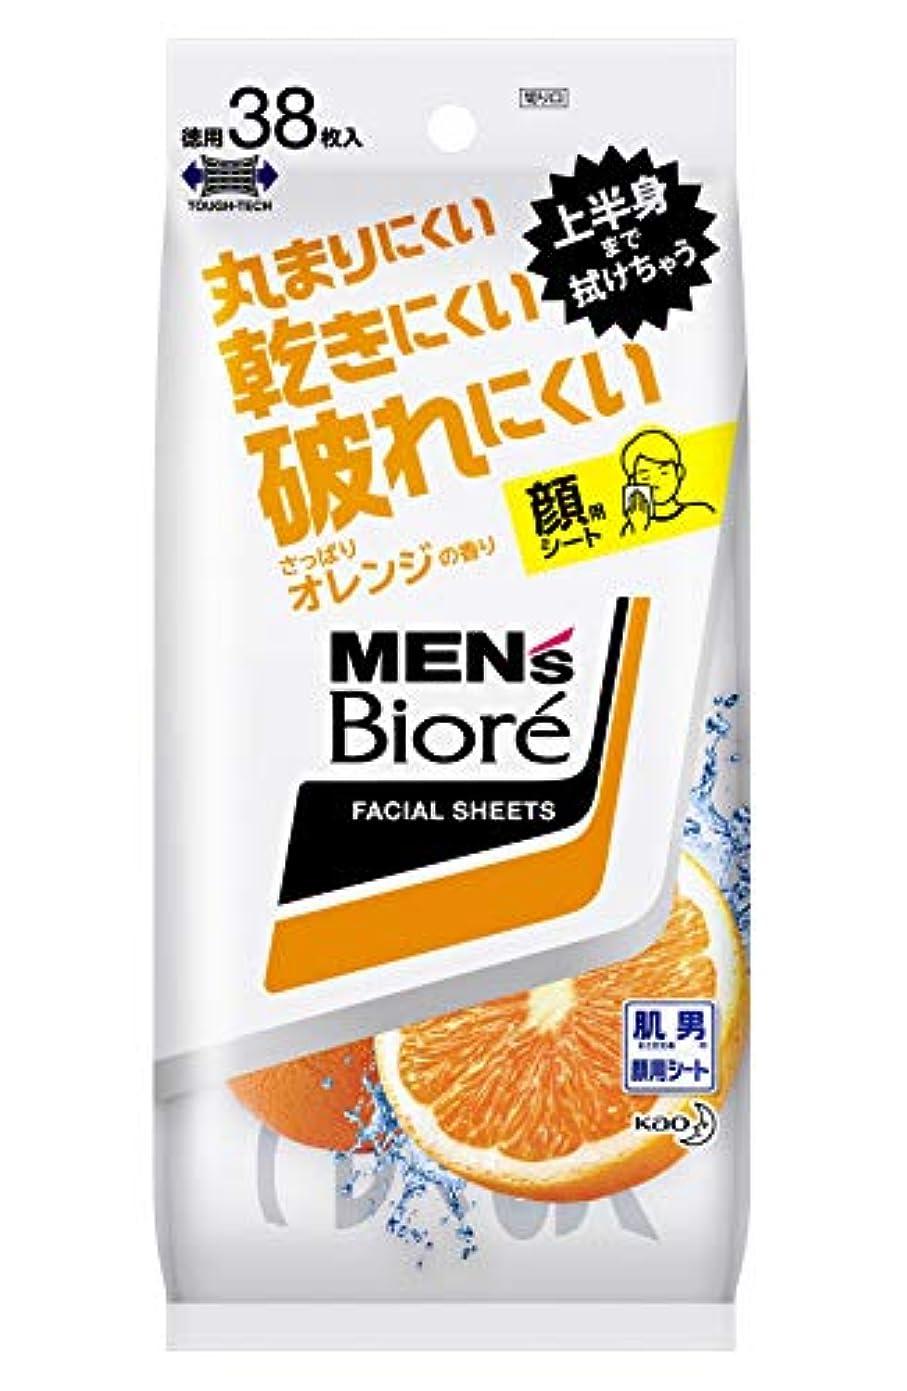 境界ドメインしっとりメンズビオレ 洗顔シート さっぱりオレンジの香り <卓上タイプ> 38枚入